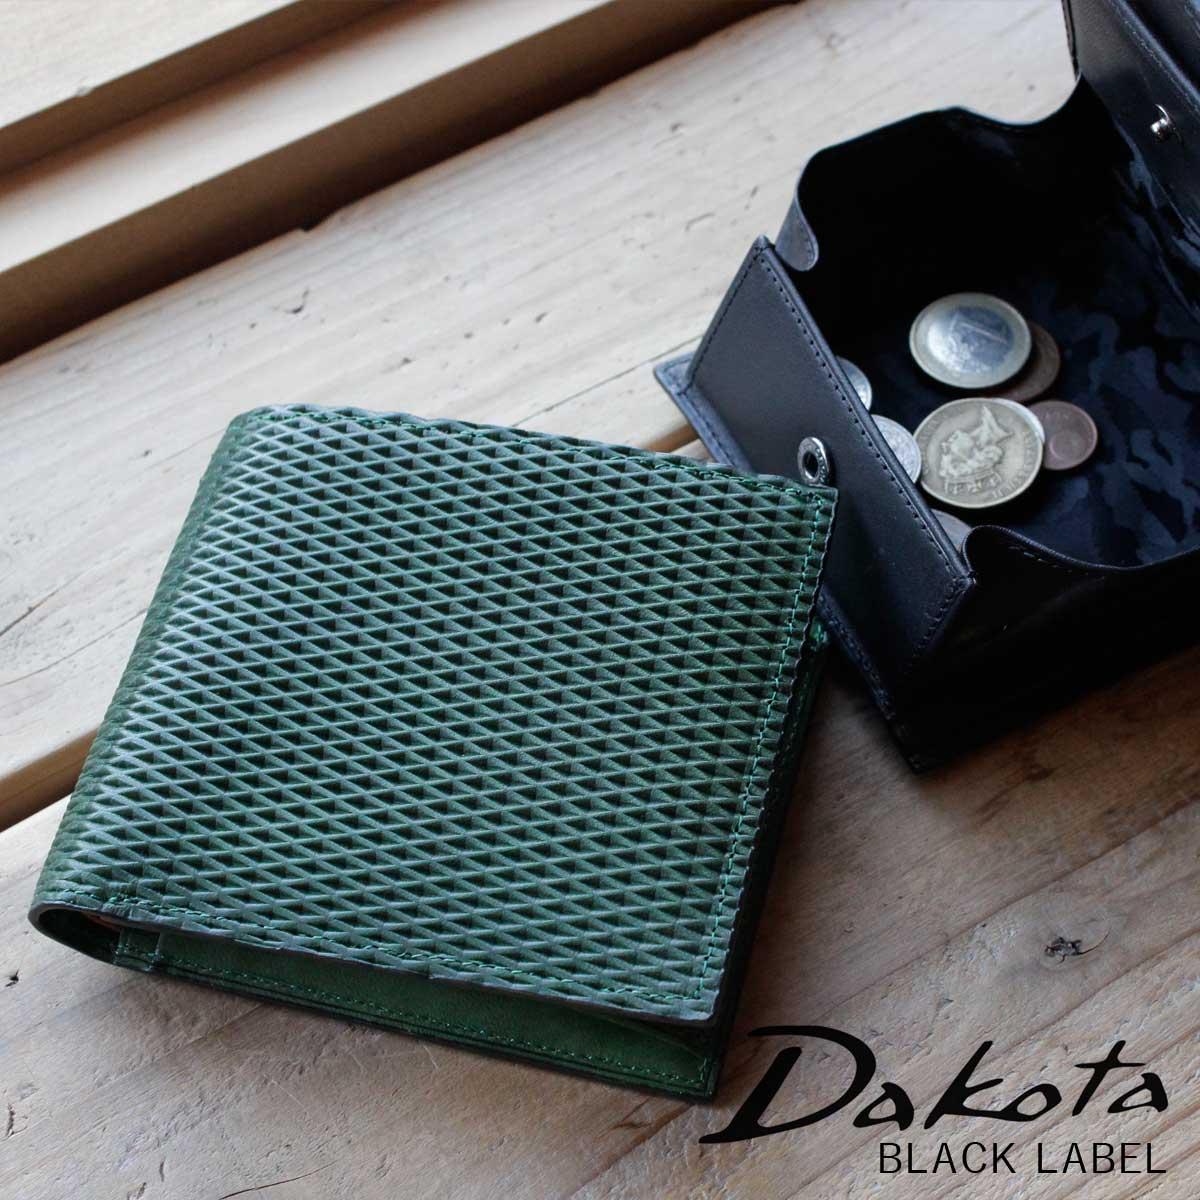 【メッセージカード・ラッピング無料】【選べるノベルティ大好評】Dakota BLACK LABEL ダコタブラックレーベル レティコロ BOX型小銭入れ付き 二つ折り財布 2折財布 本革 イタリア製牛革 0626101